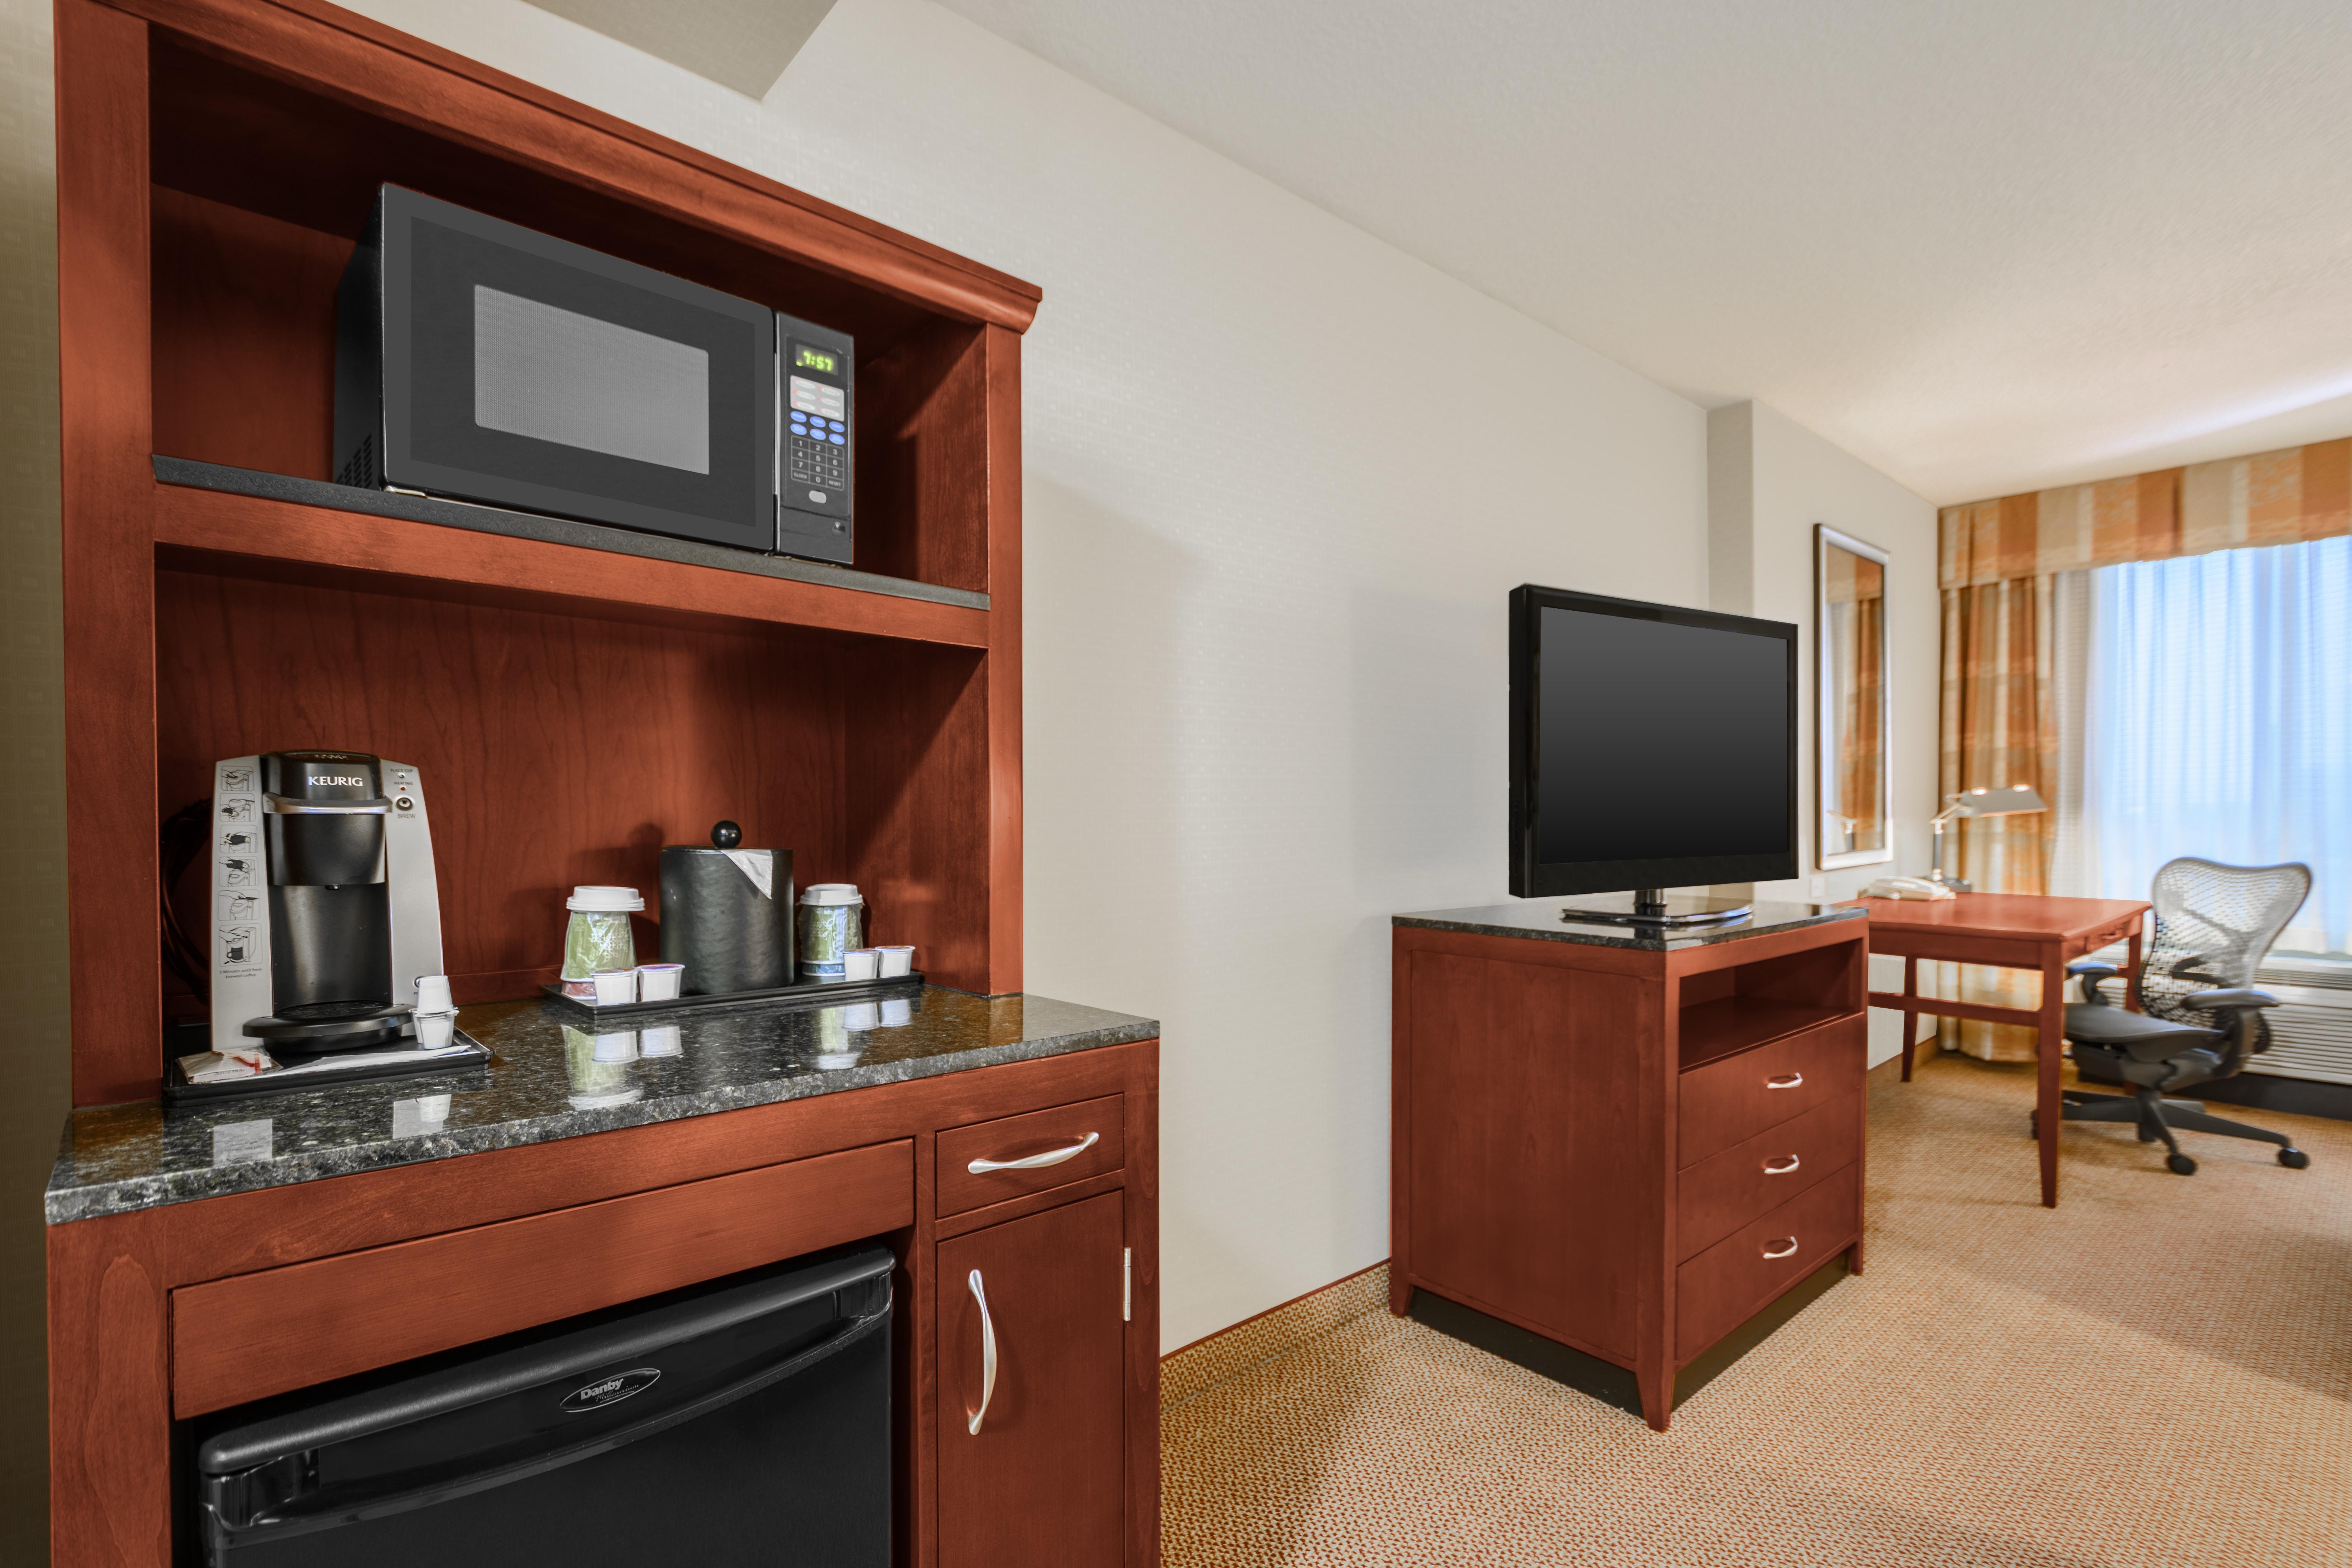 https://www.hotelsbyday.com/_data/default-hotel_image/3/16022/dsc-6591-hdra.jpg